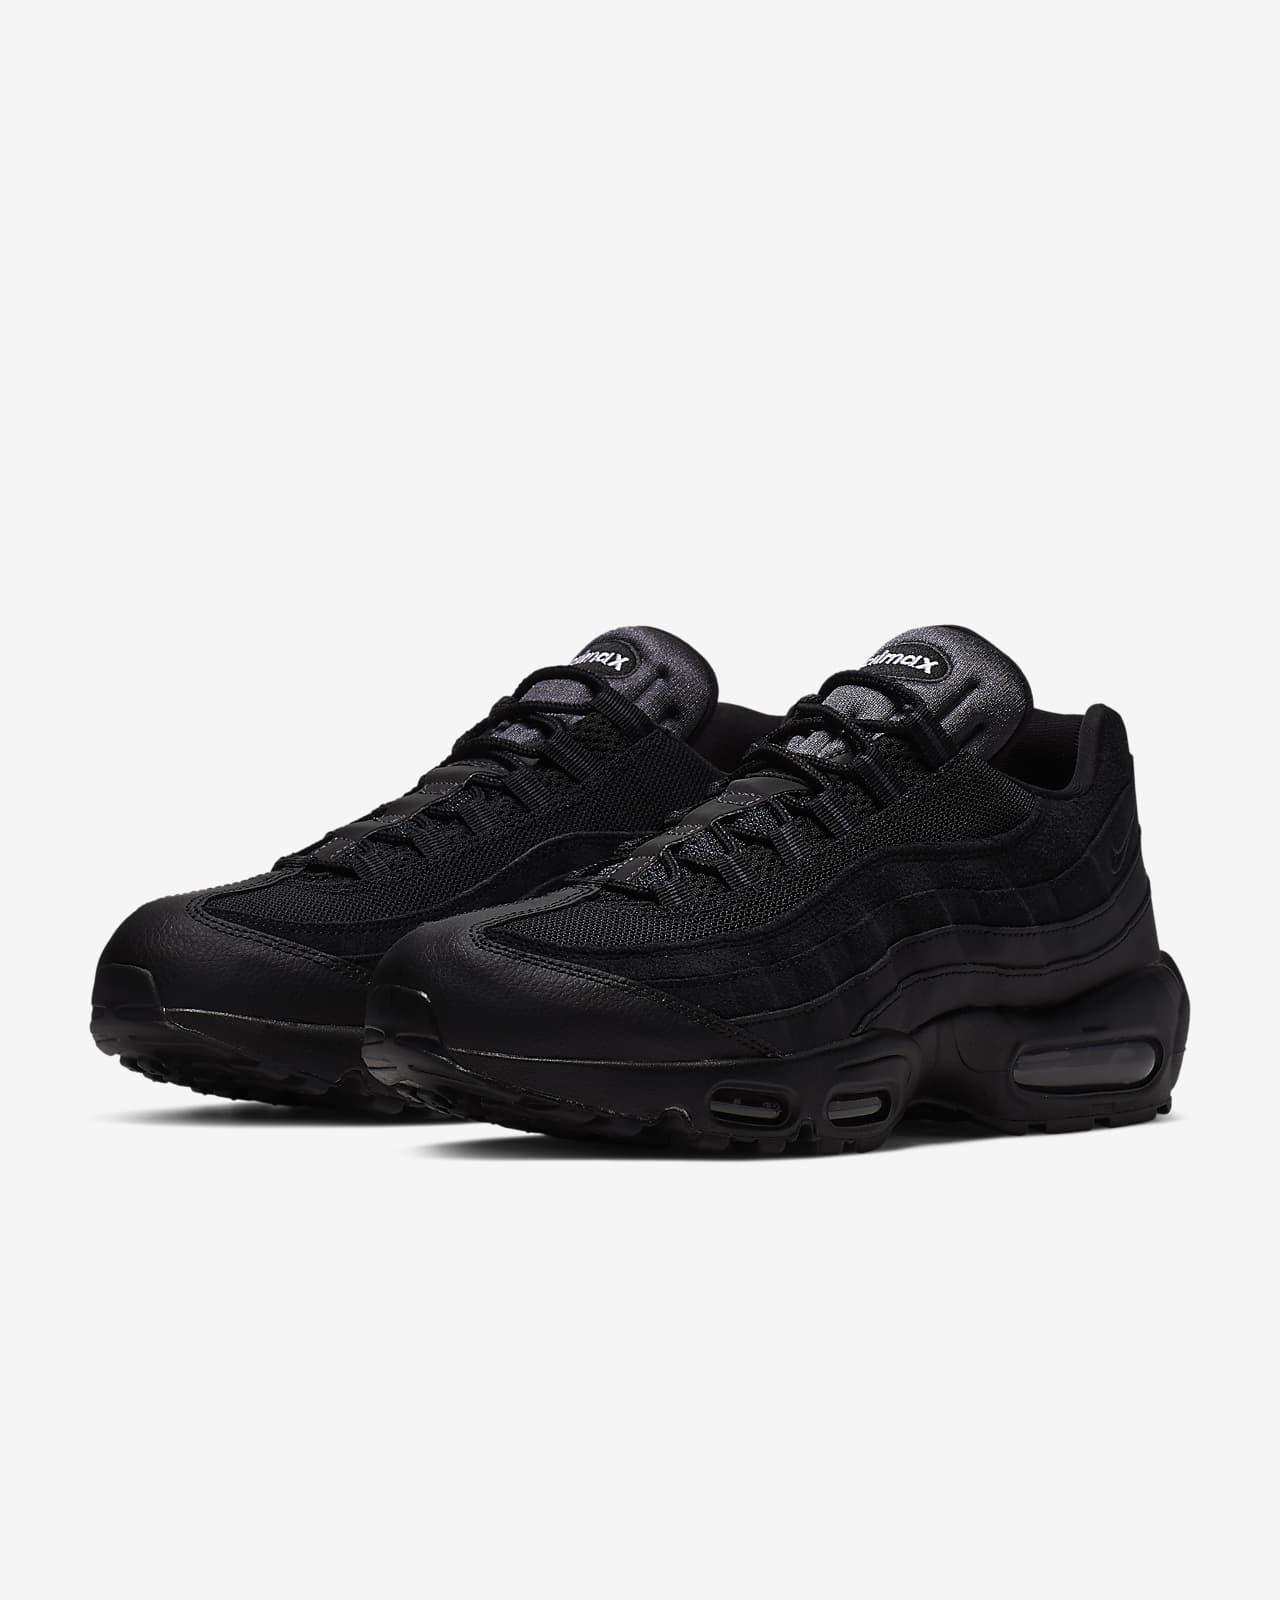 Chaussure mixte Nike Air Max 95 Essential